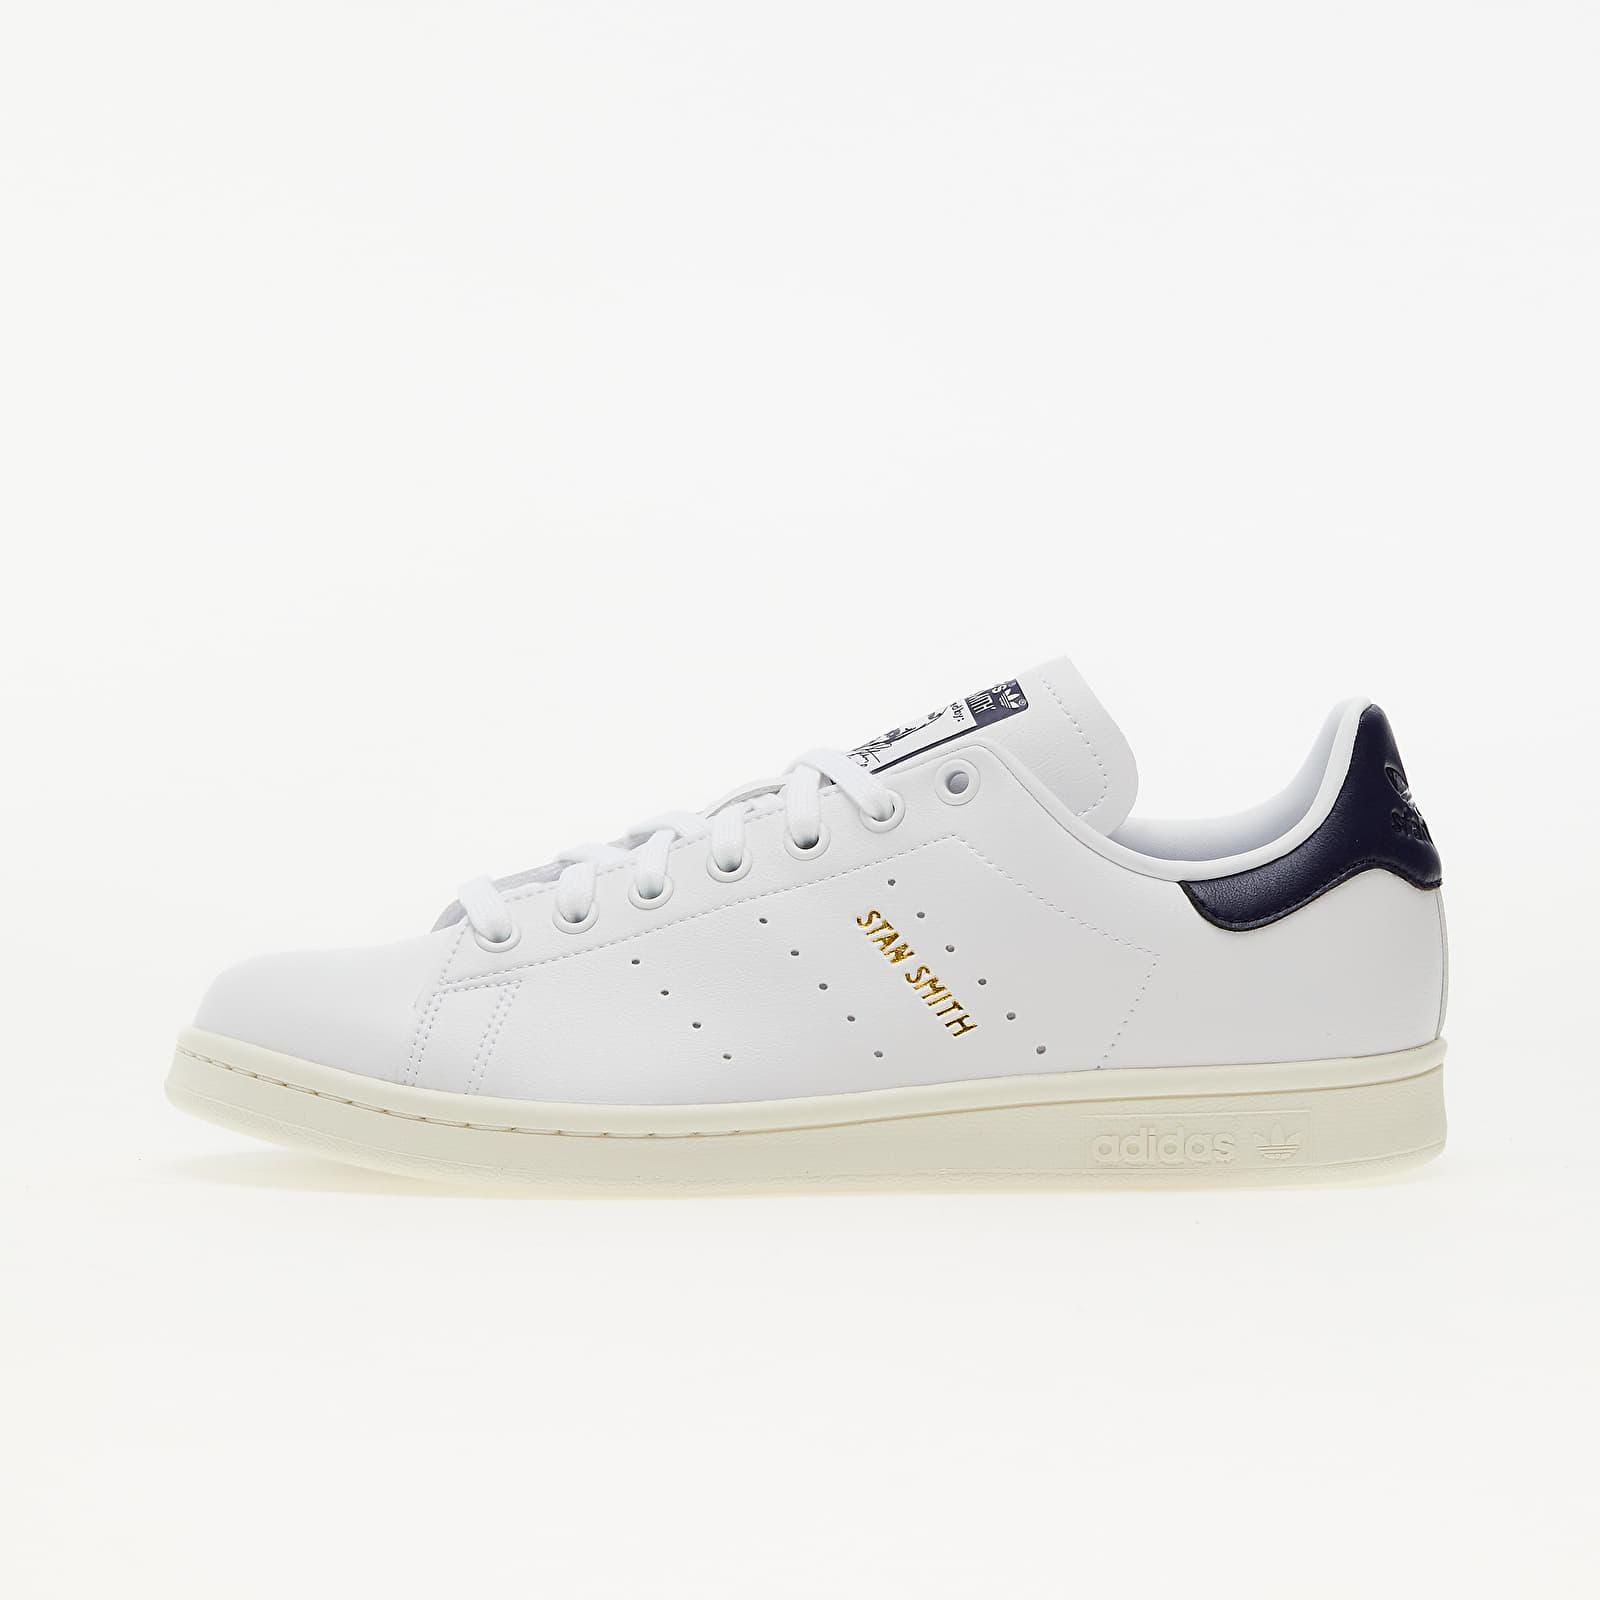 adidas Stan Smith Ftw White/ None/ Off White FX5521